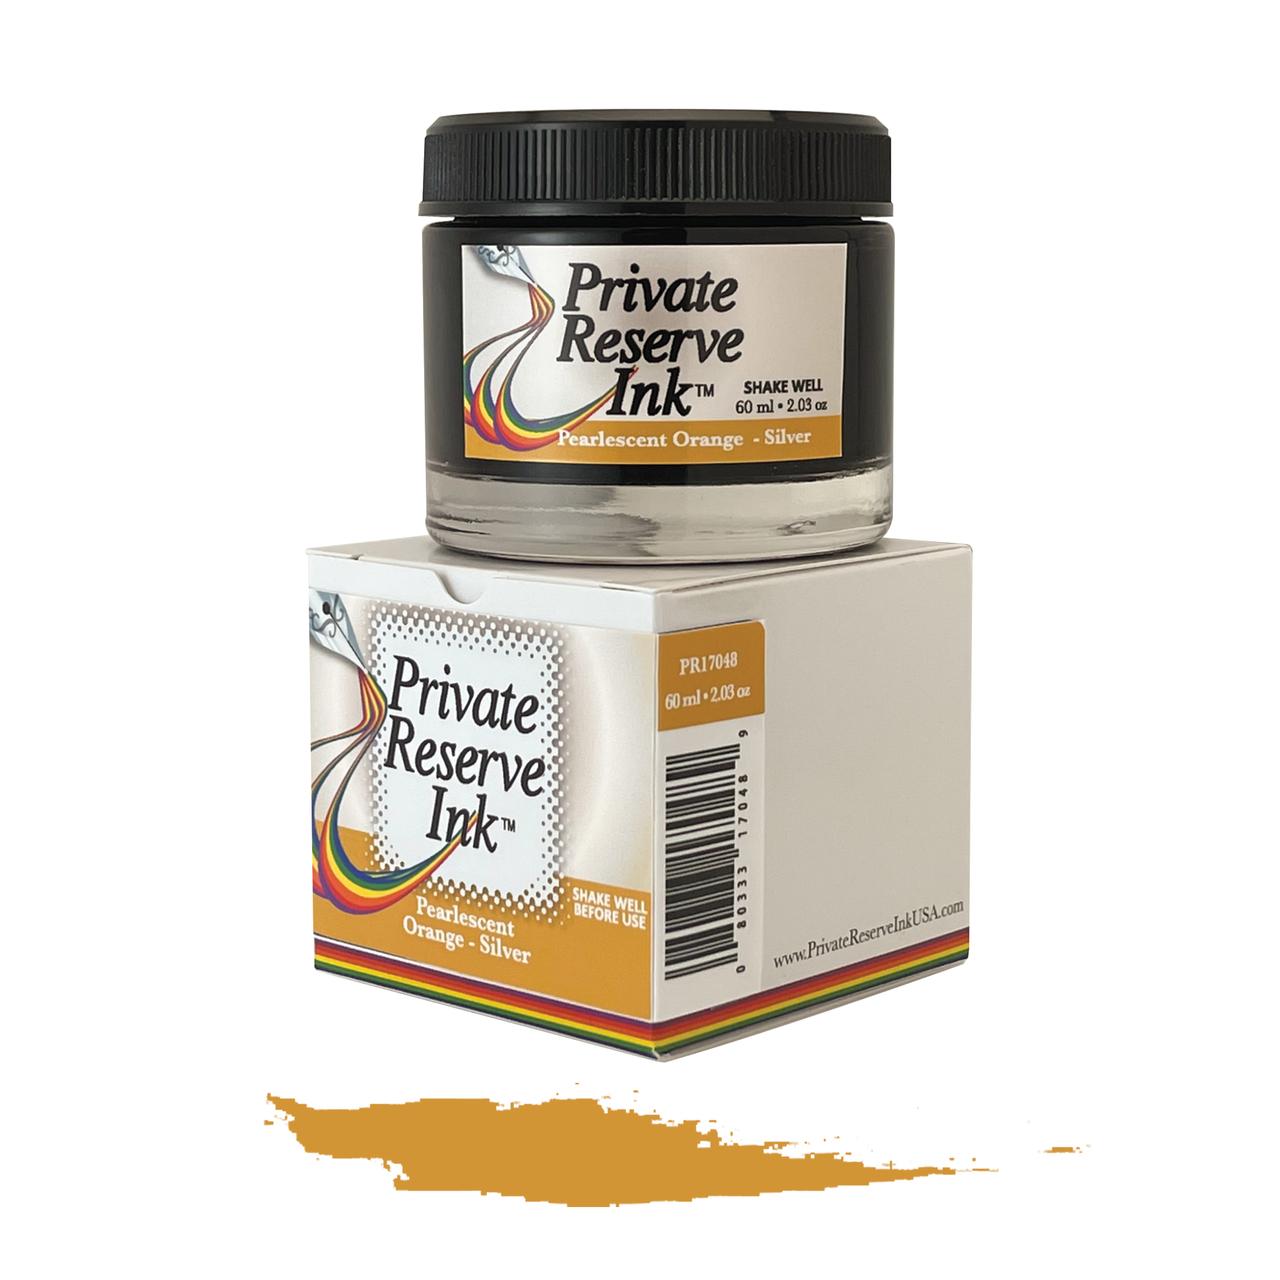 PR17048_-_pearlescent_orange